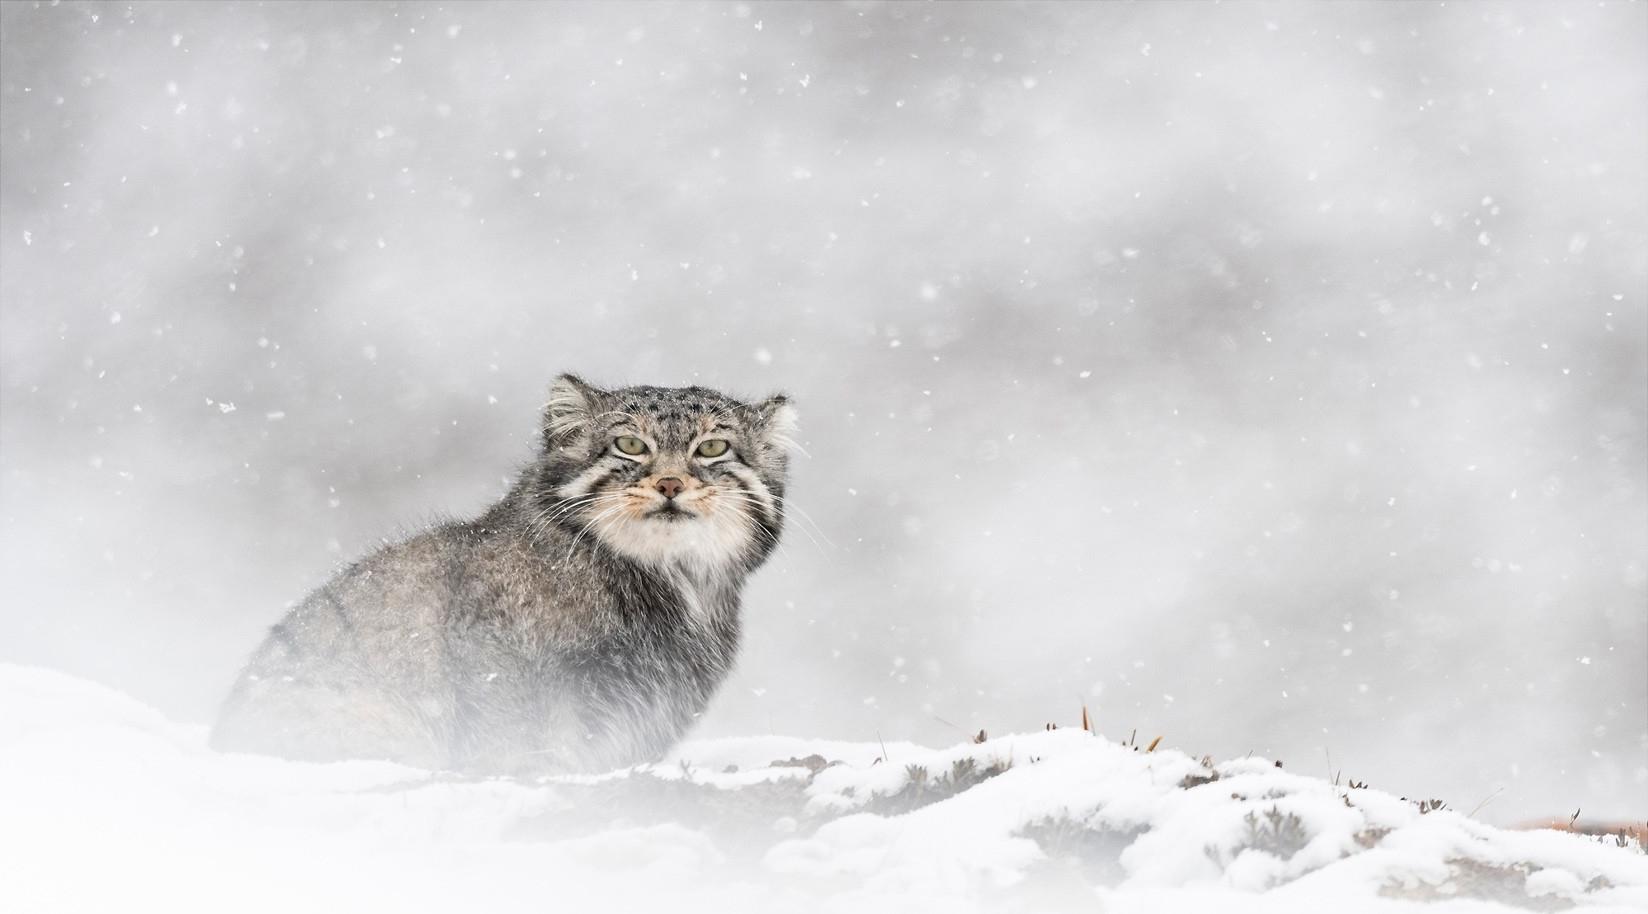 Panthère des neiges, Vincent Munier